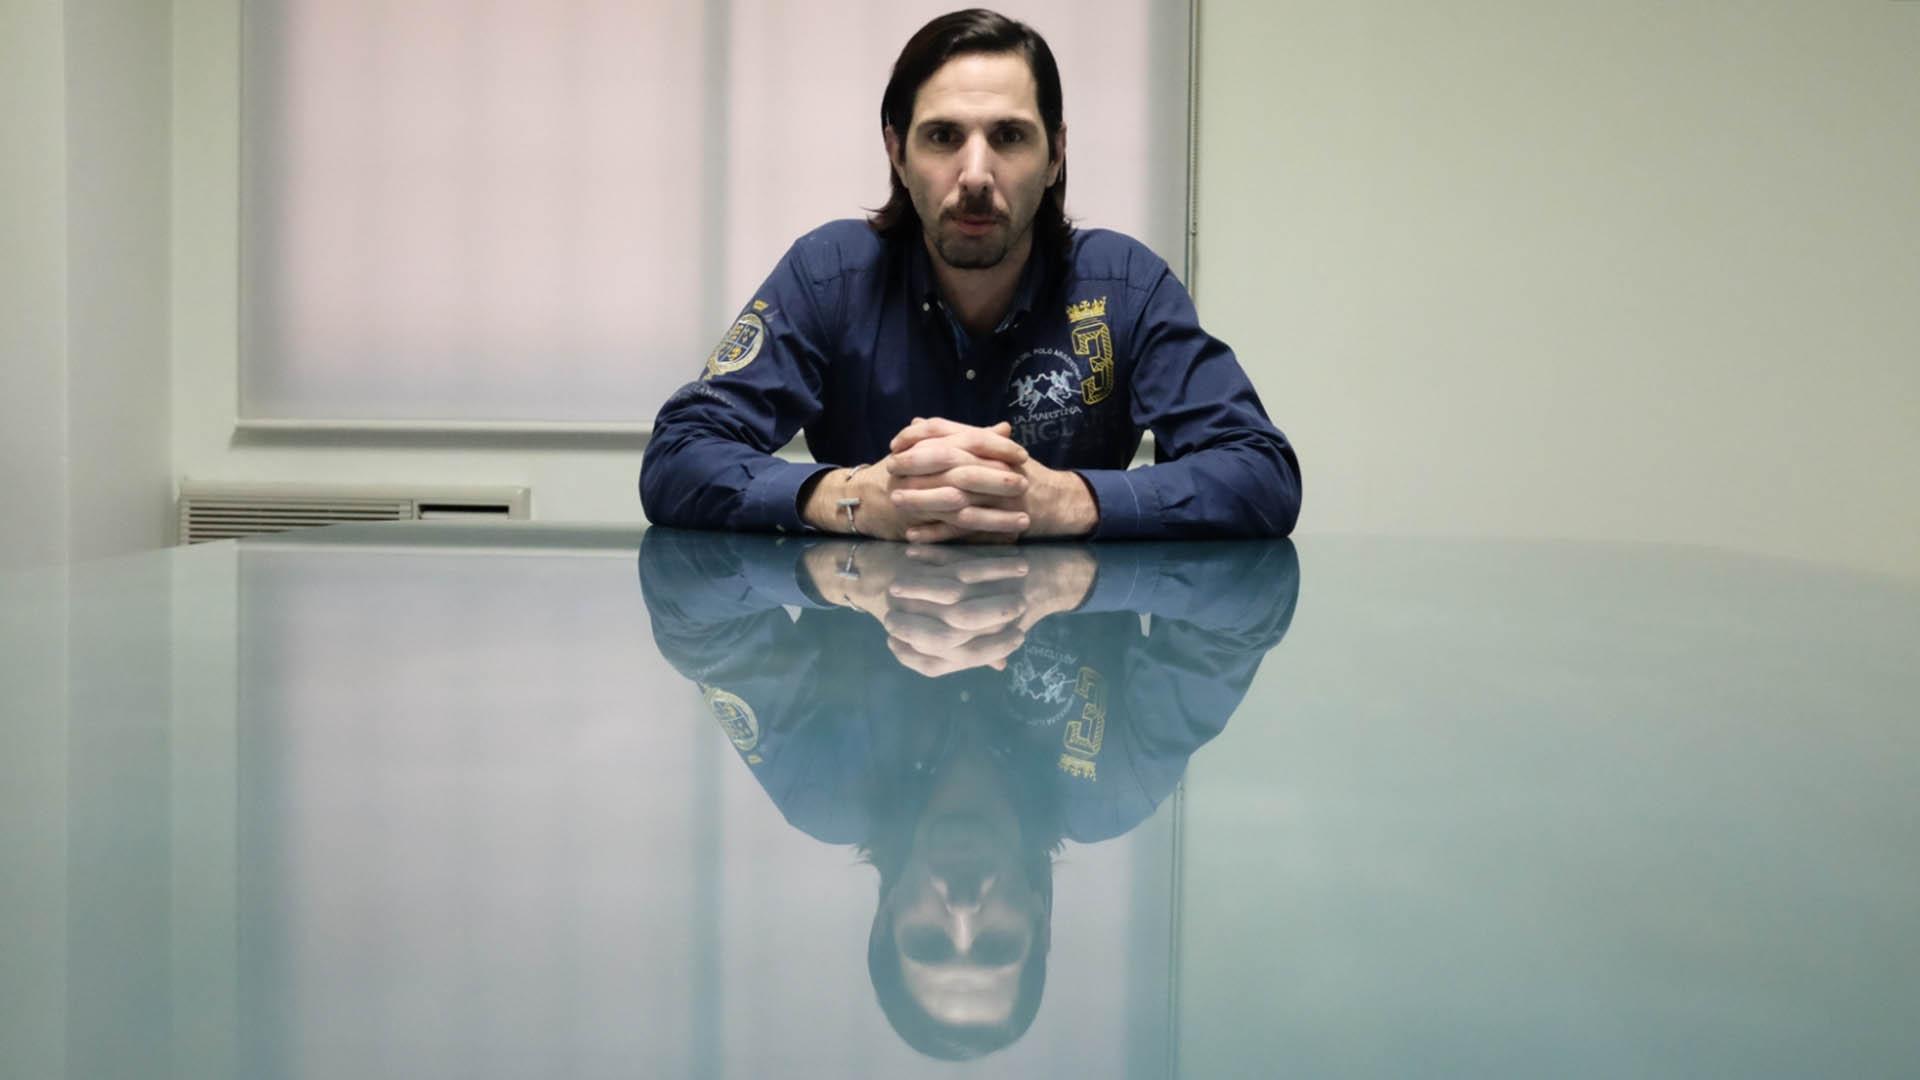 """Javier Bazterrica, conocido mediáticamente como """"El gigoló"""", tendrá que afrontar un juicio por estafa en el que le pidieron tres años. (Adrián Escandar)"""